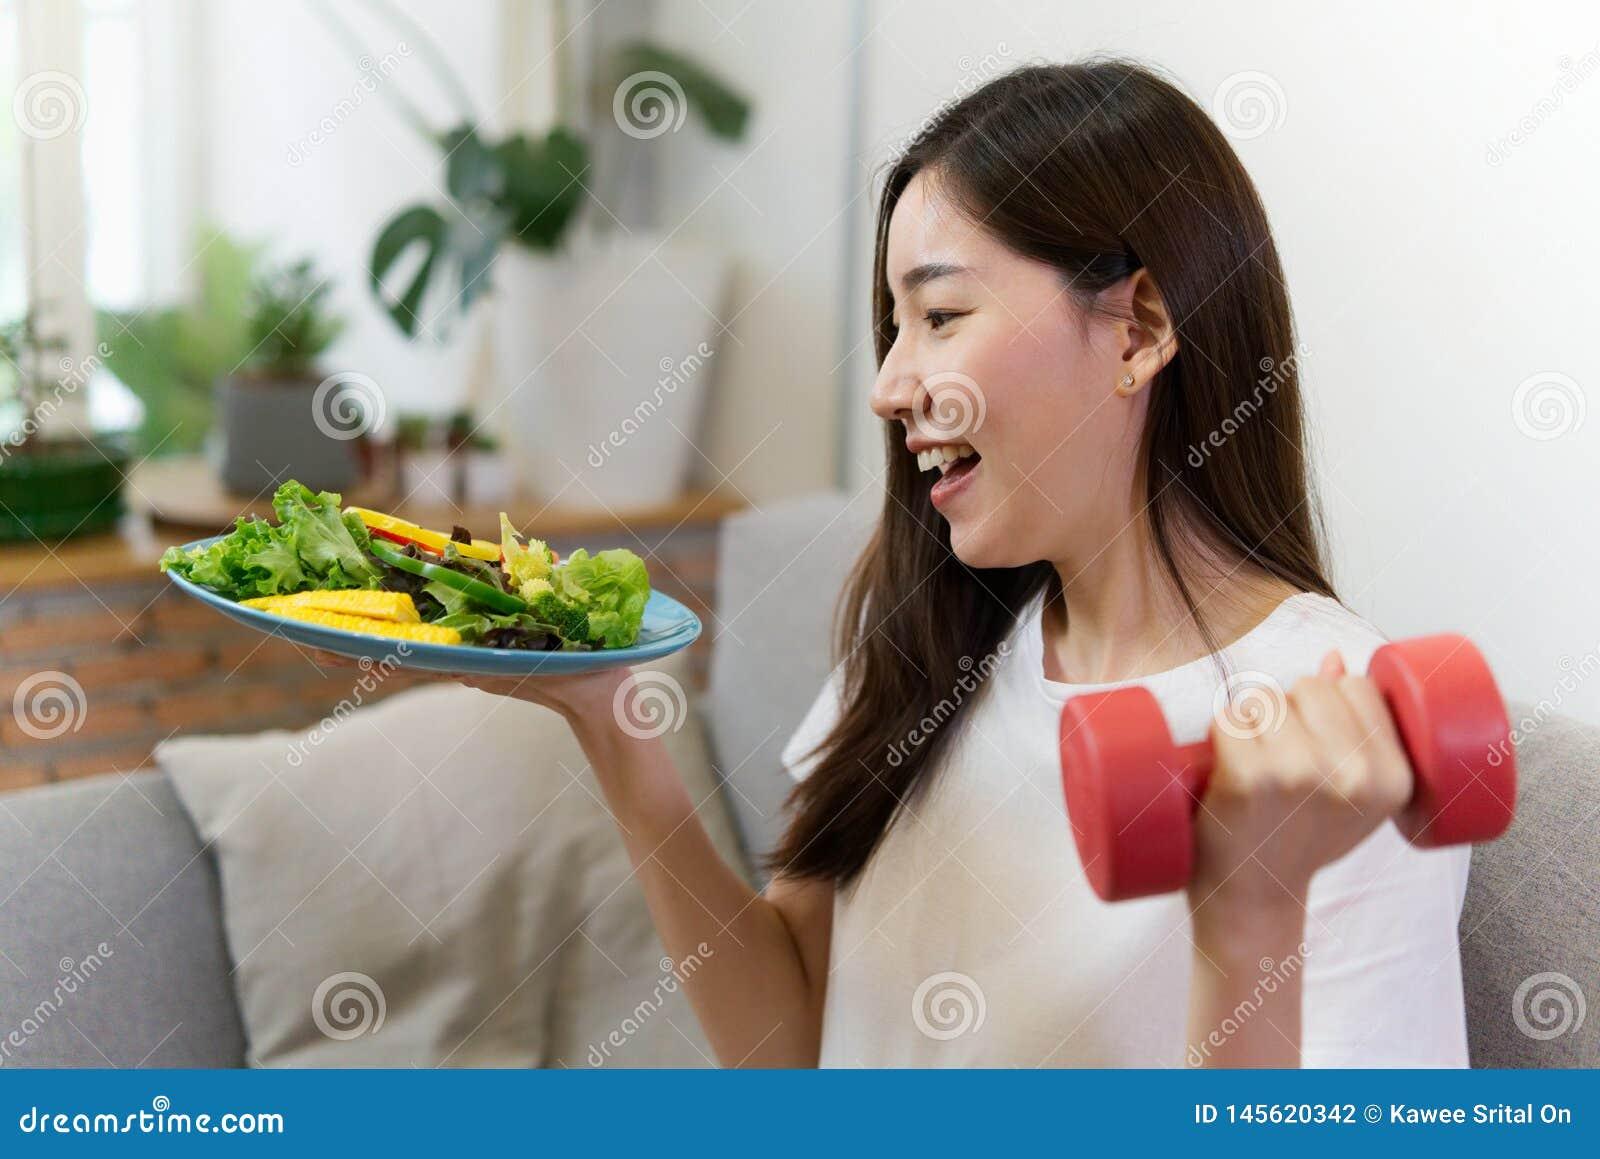 Den unga asiatiska flickan som rymmer sallad och den röda hanteln, sitter på soffan med leendeframsidan